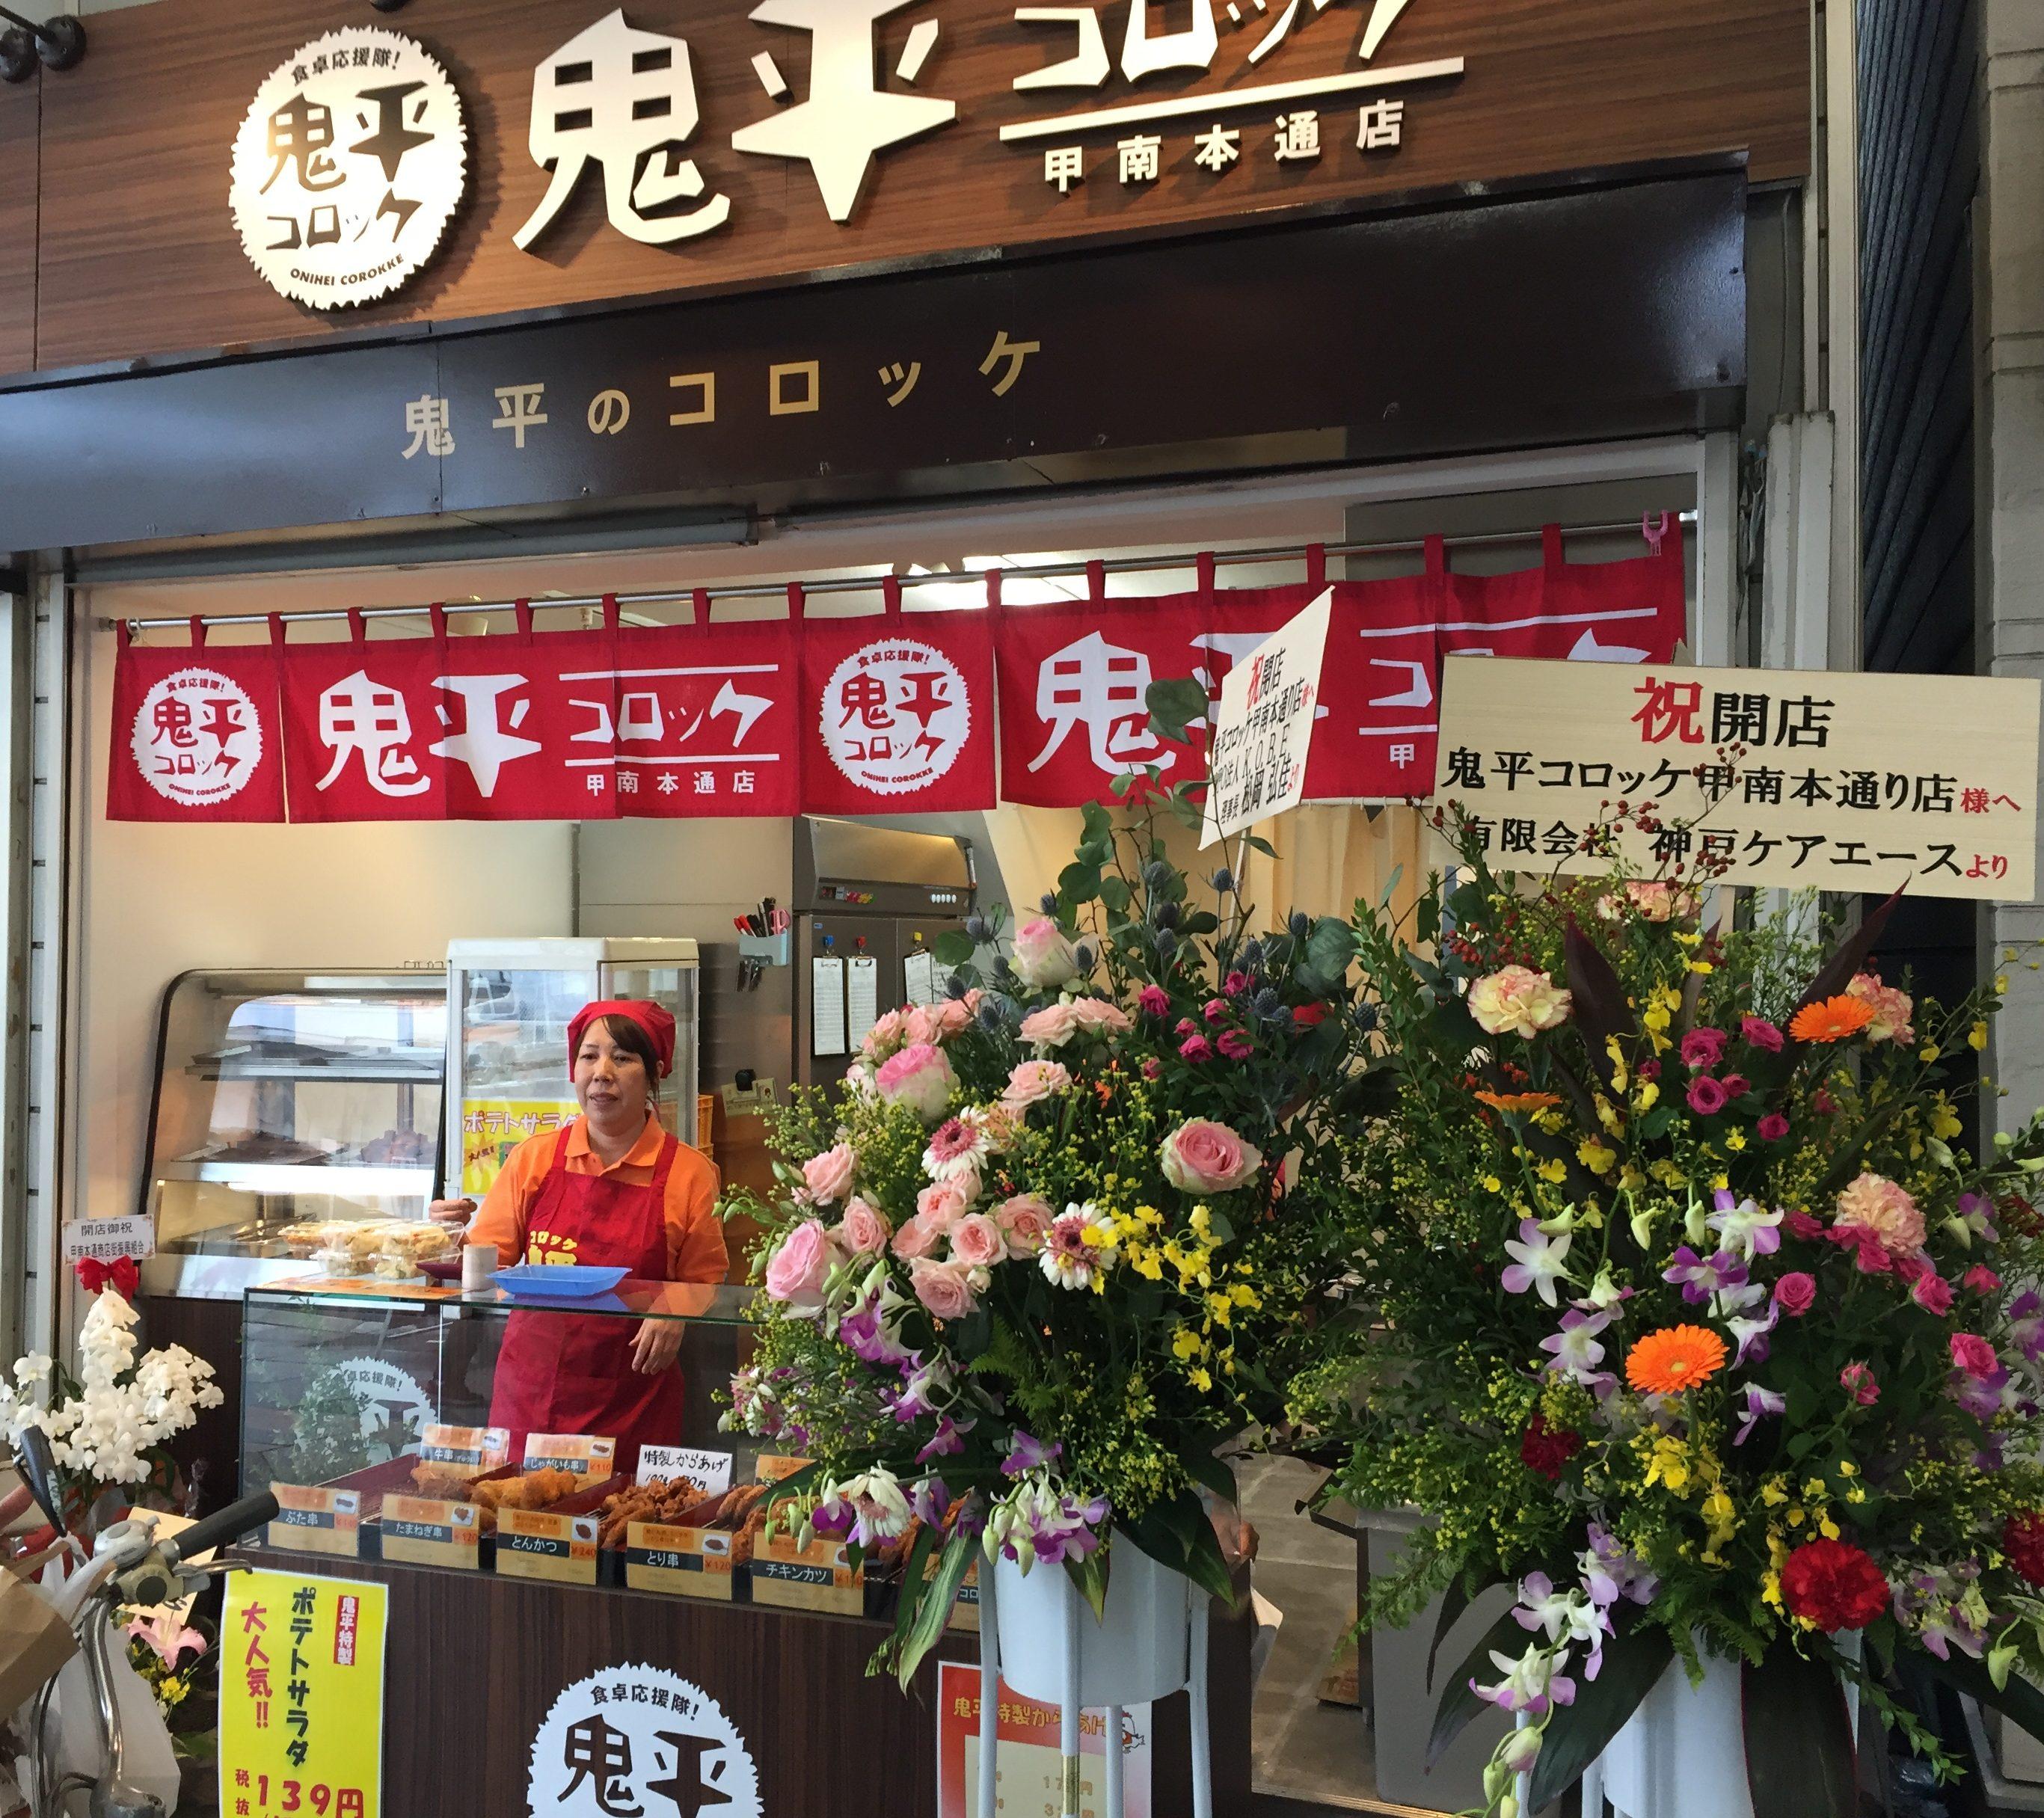 「鬼平コロッケ 甲南本通店」が10/27(木)にオープンしたよ!【※写真付食レポ追加※】